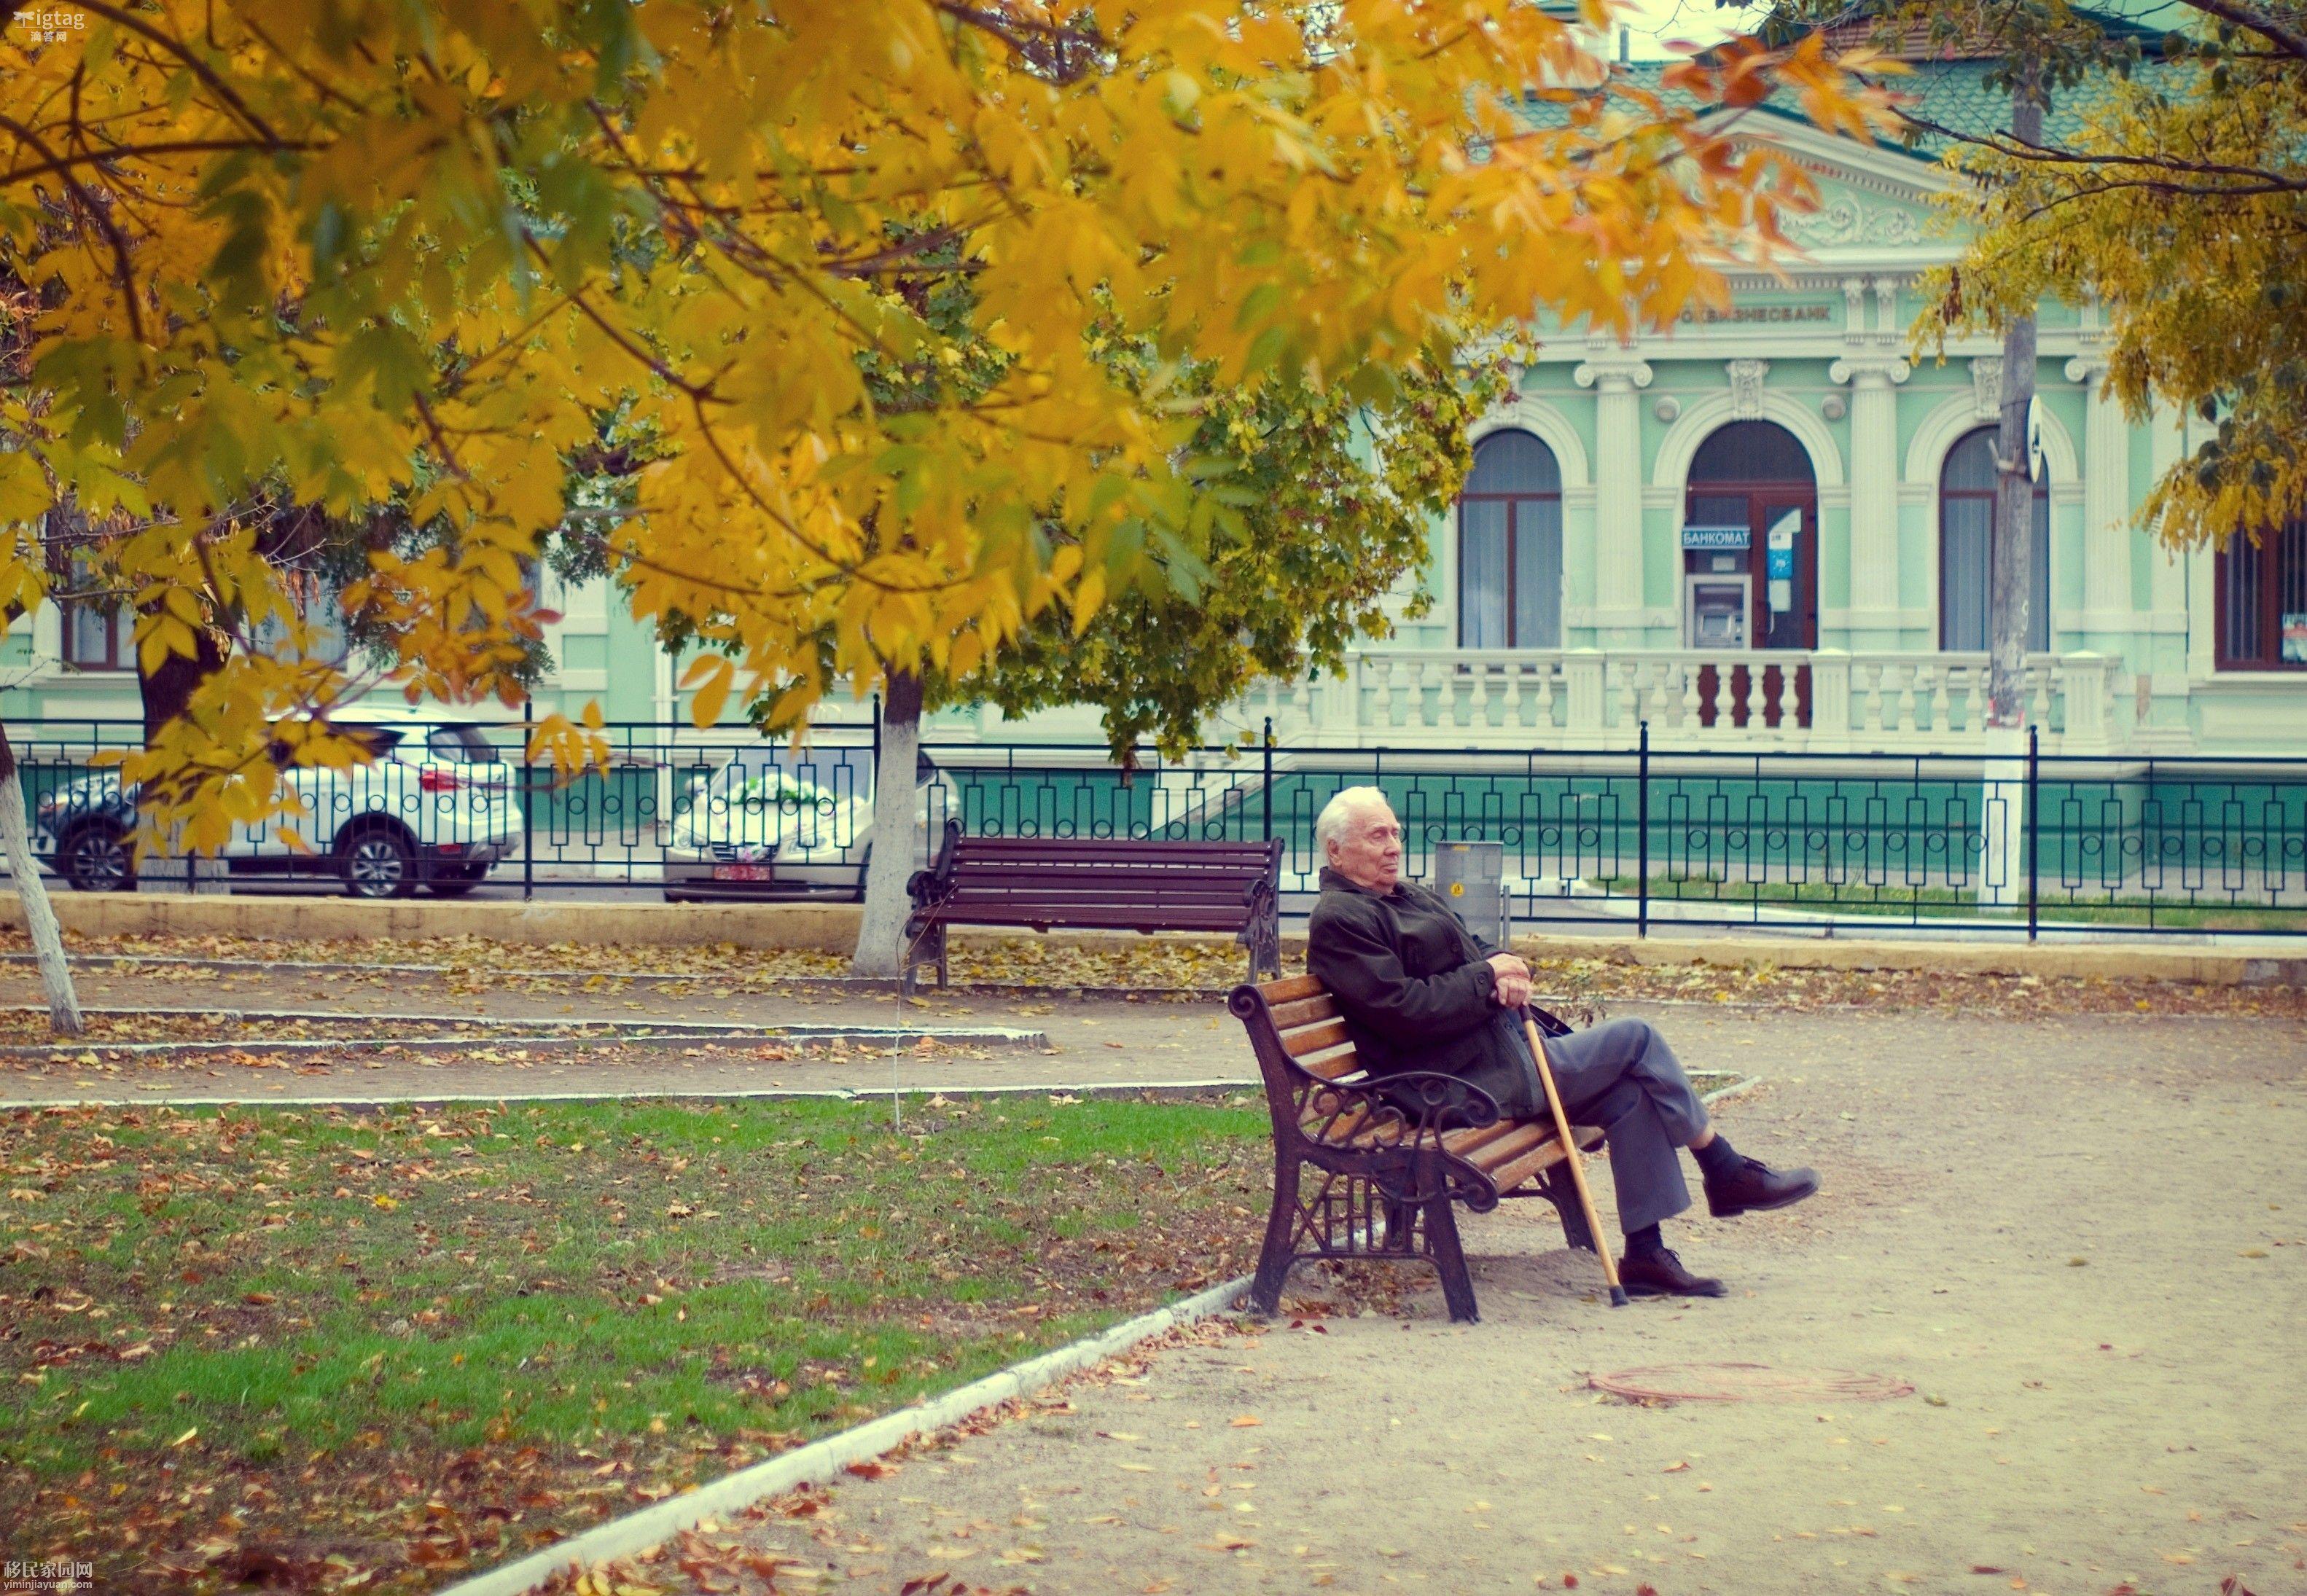 在美国生活,持绿卡,入籍,不同的情况,领取养老金有什么不同?